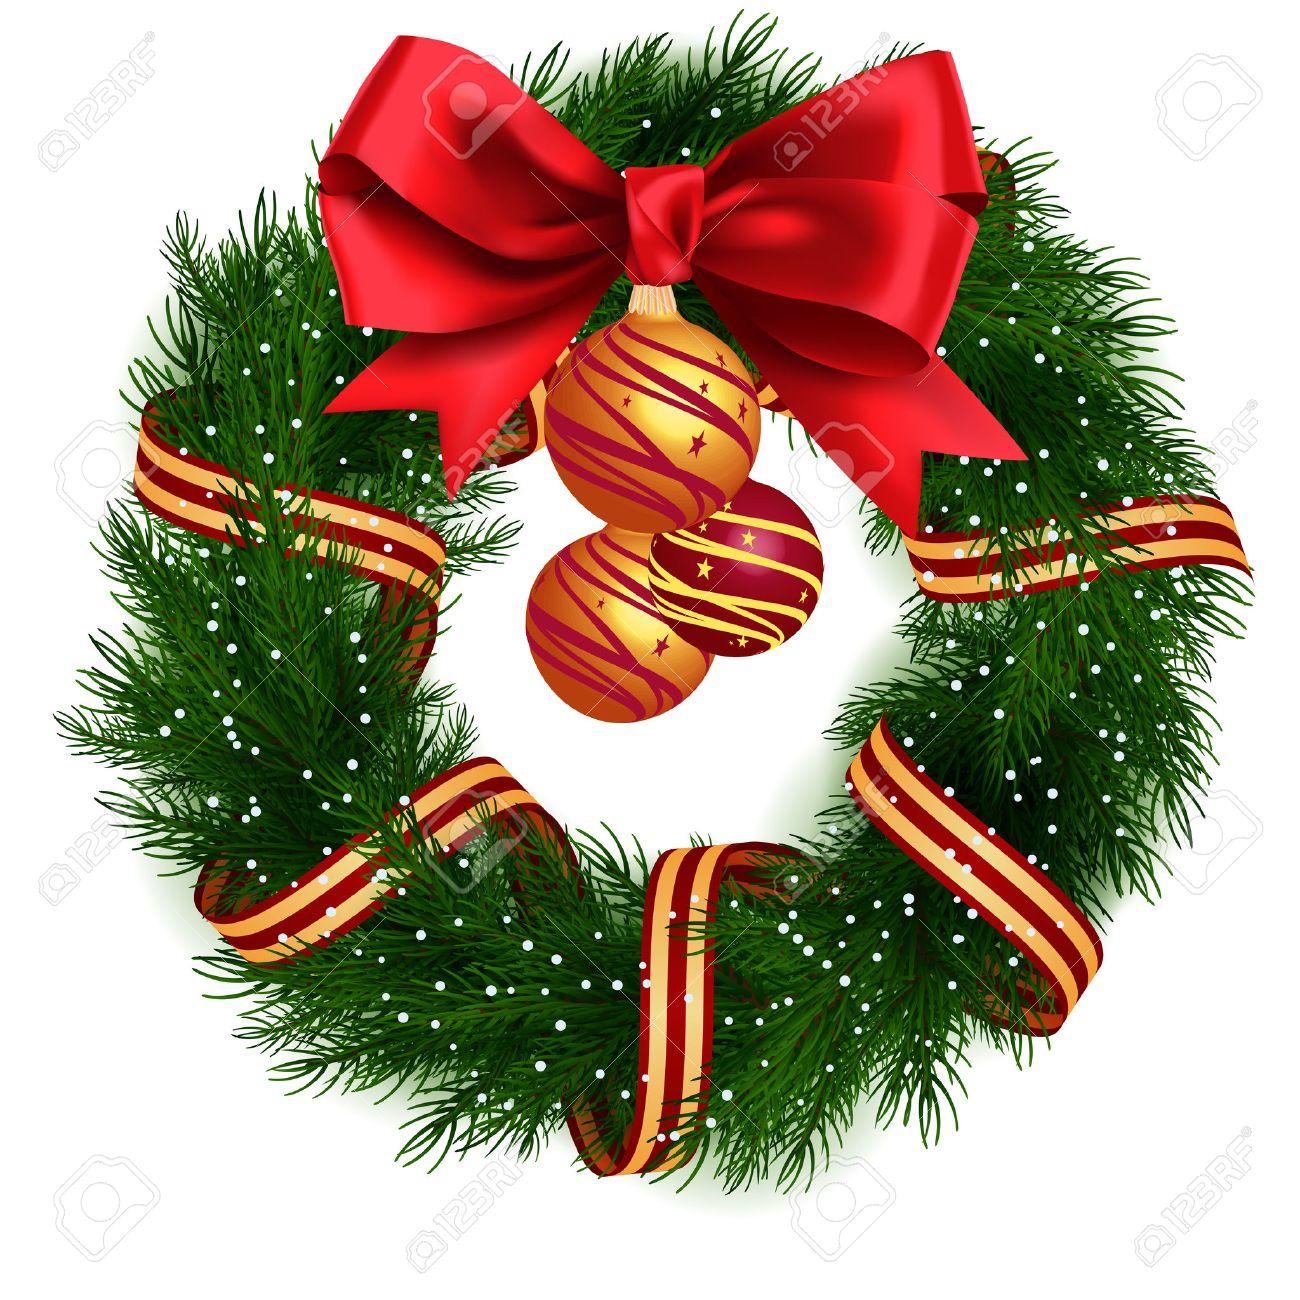 Christmas Wreath.Christmas Wreath Isolated